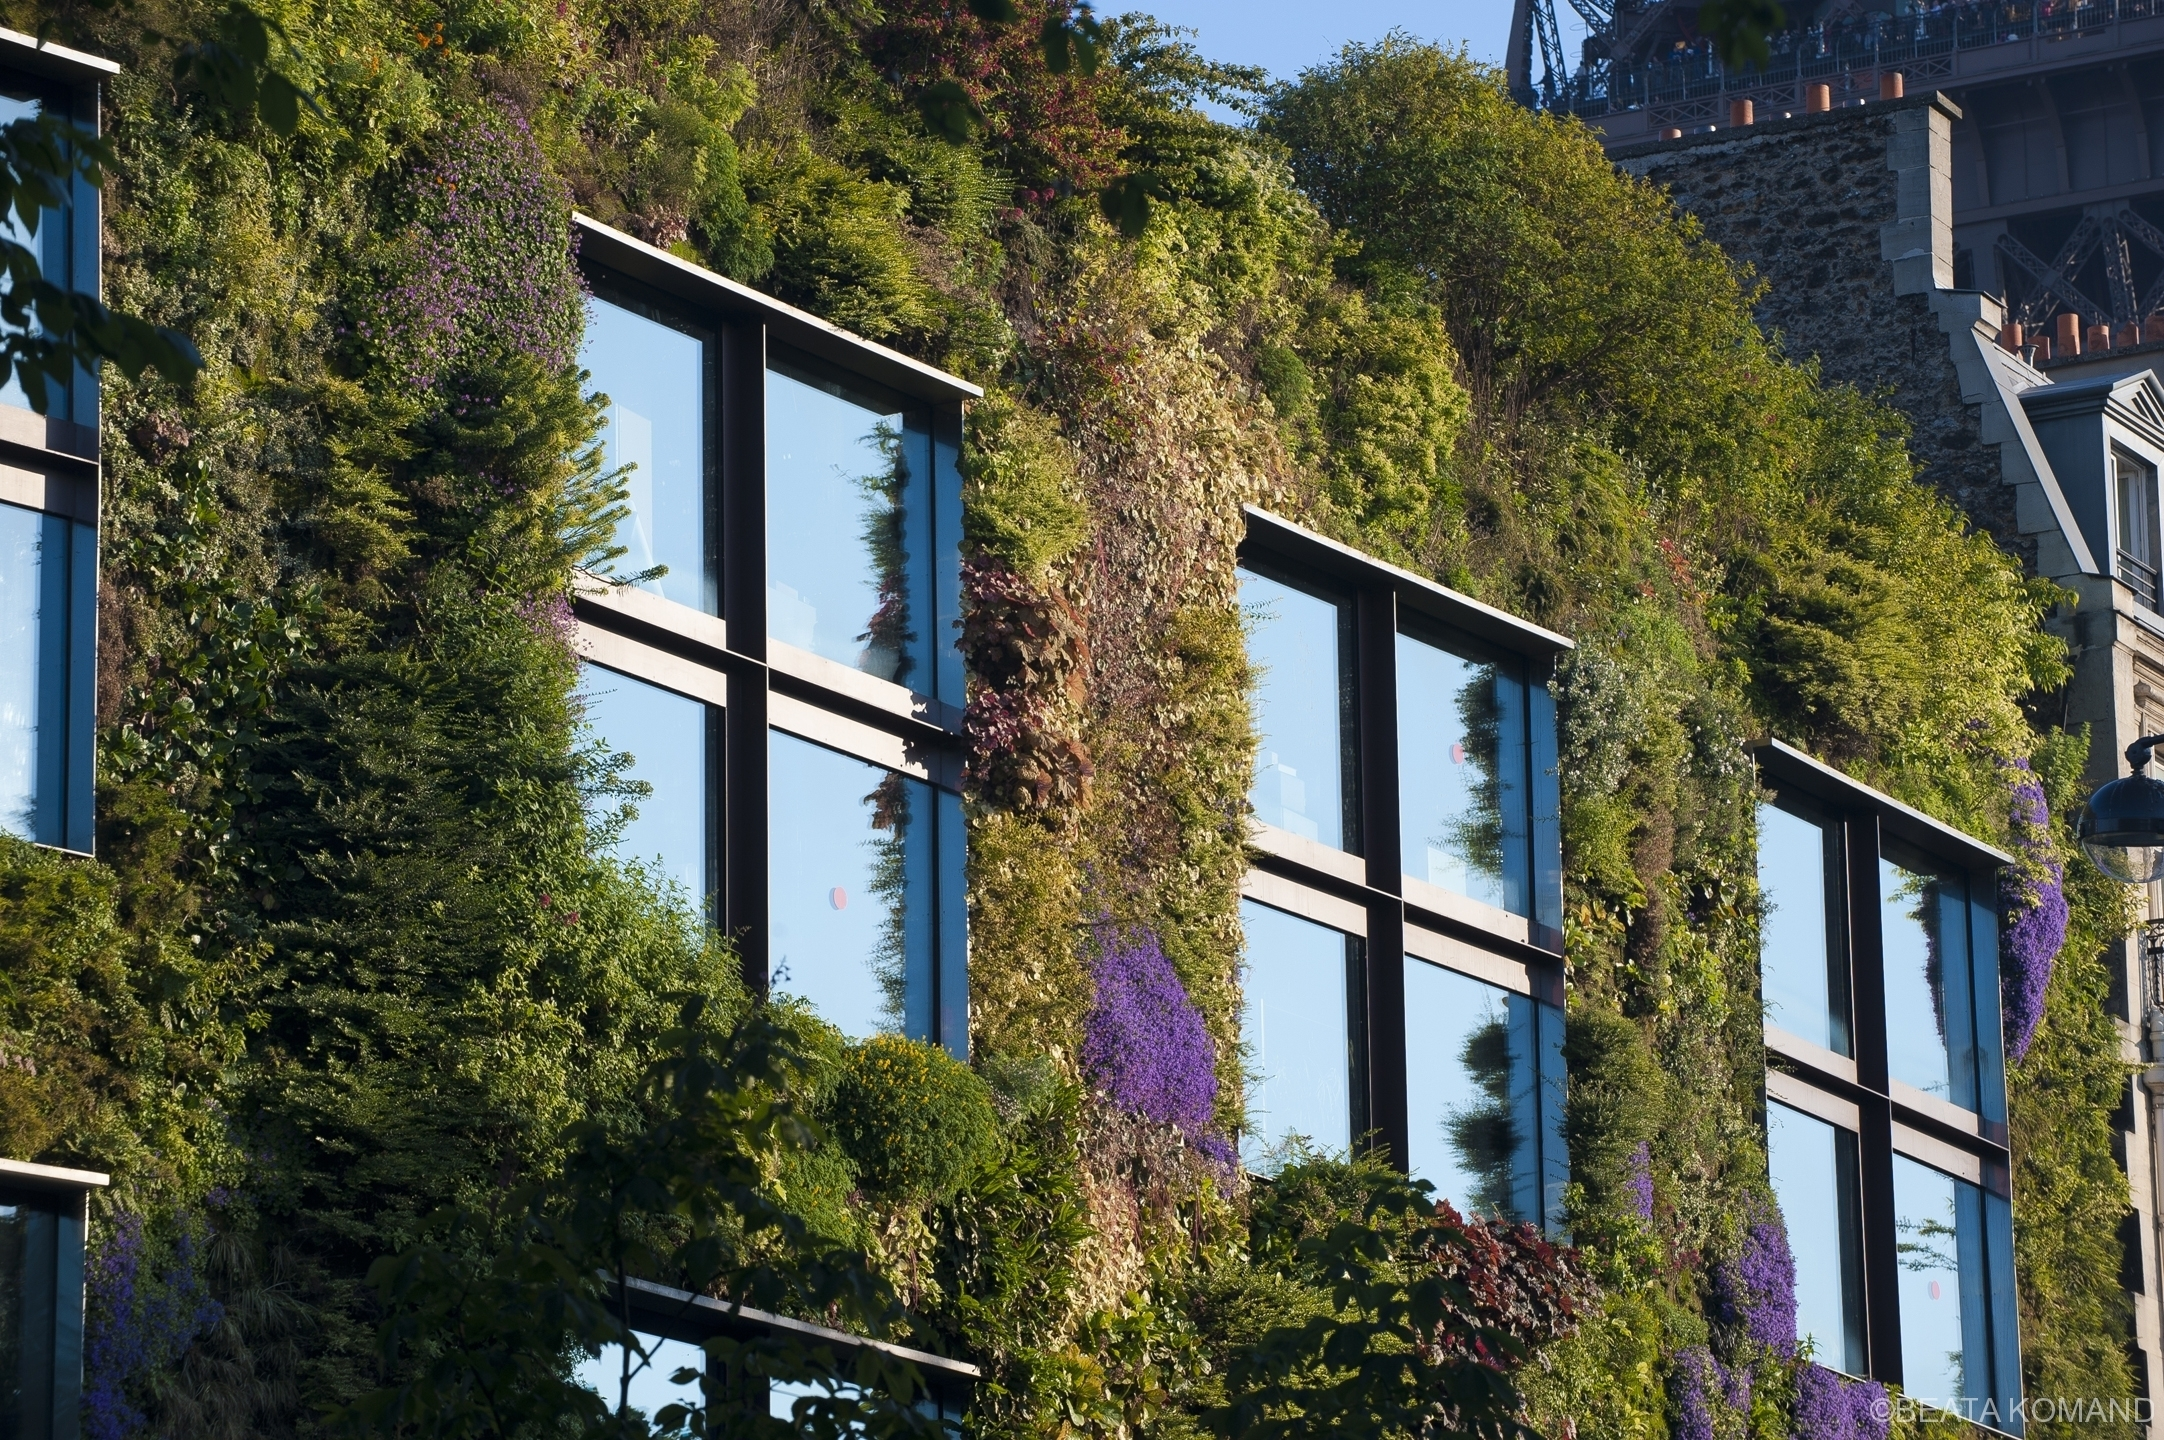 Les fenêtres dans le mur végétal du Musee du Quai Branly; concepteur - botaniste Patrick Blanc, architechte - Jean Nouvel;